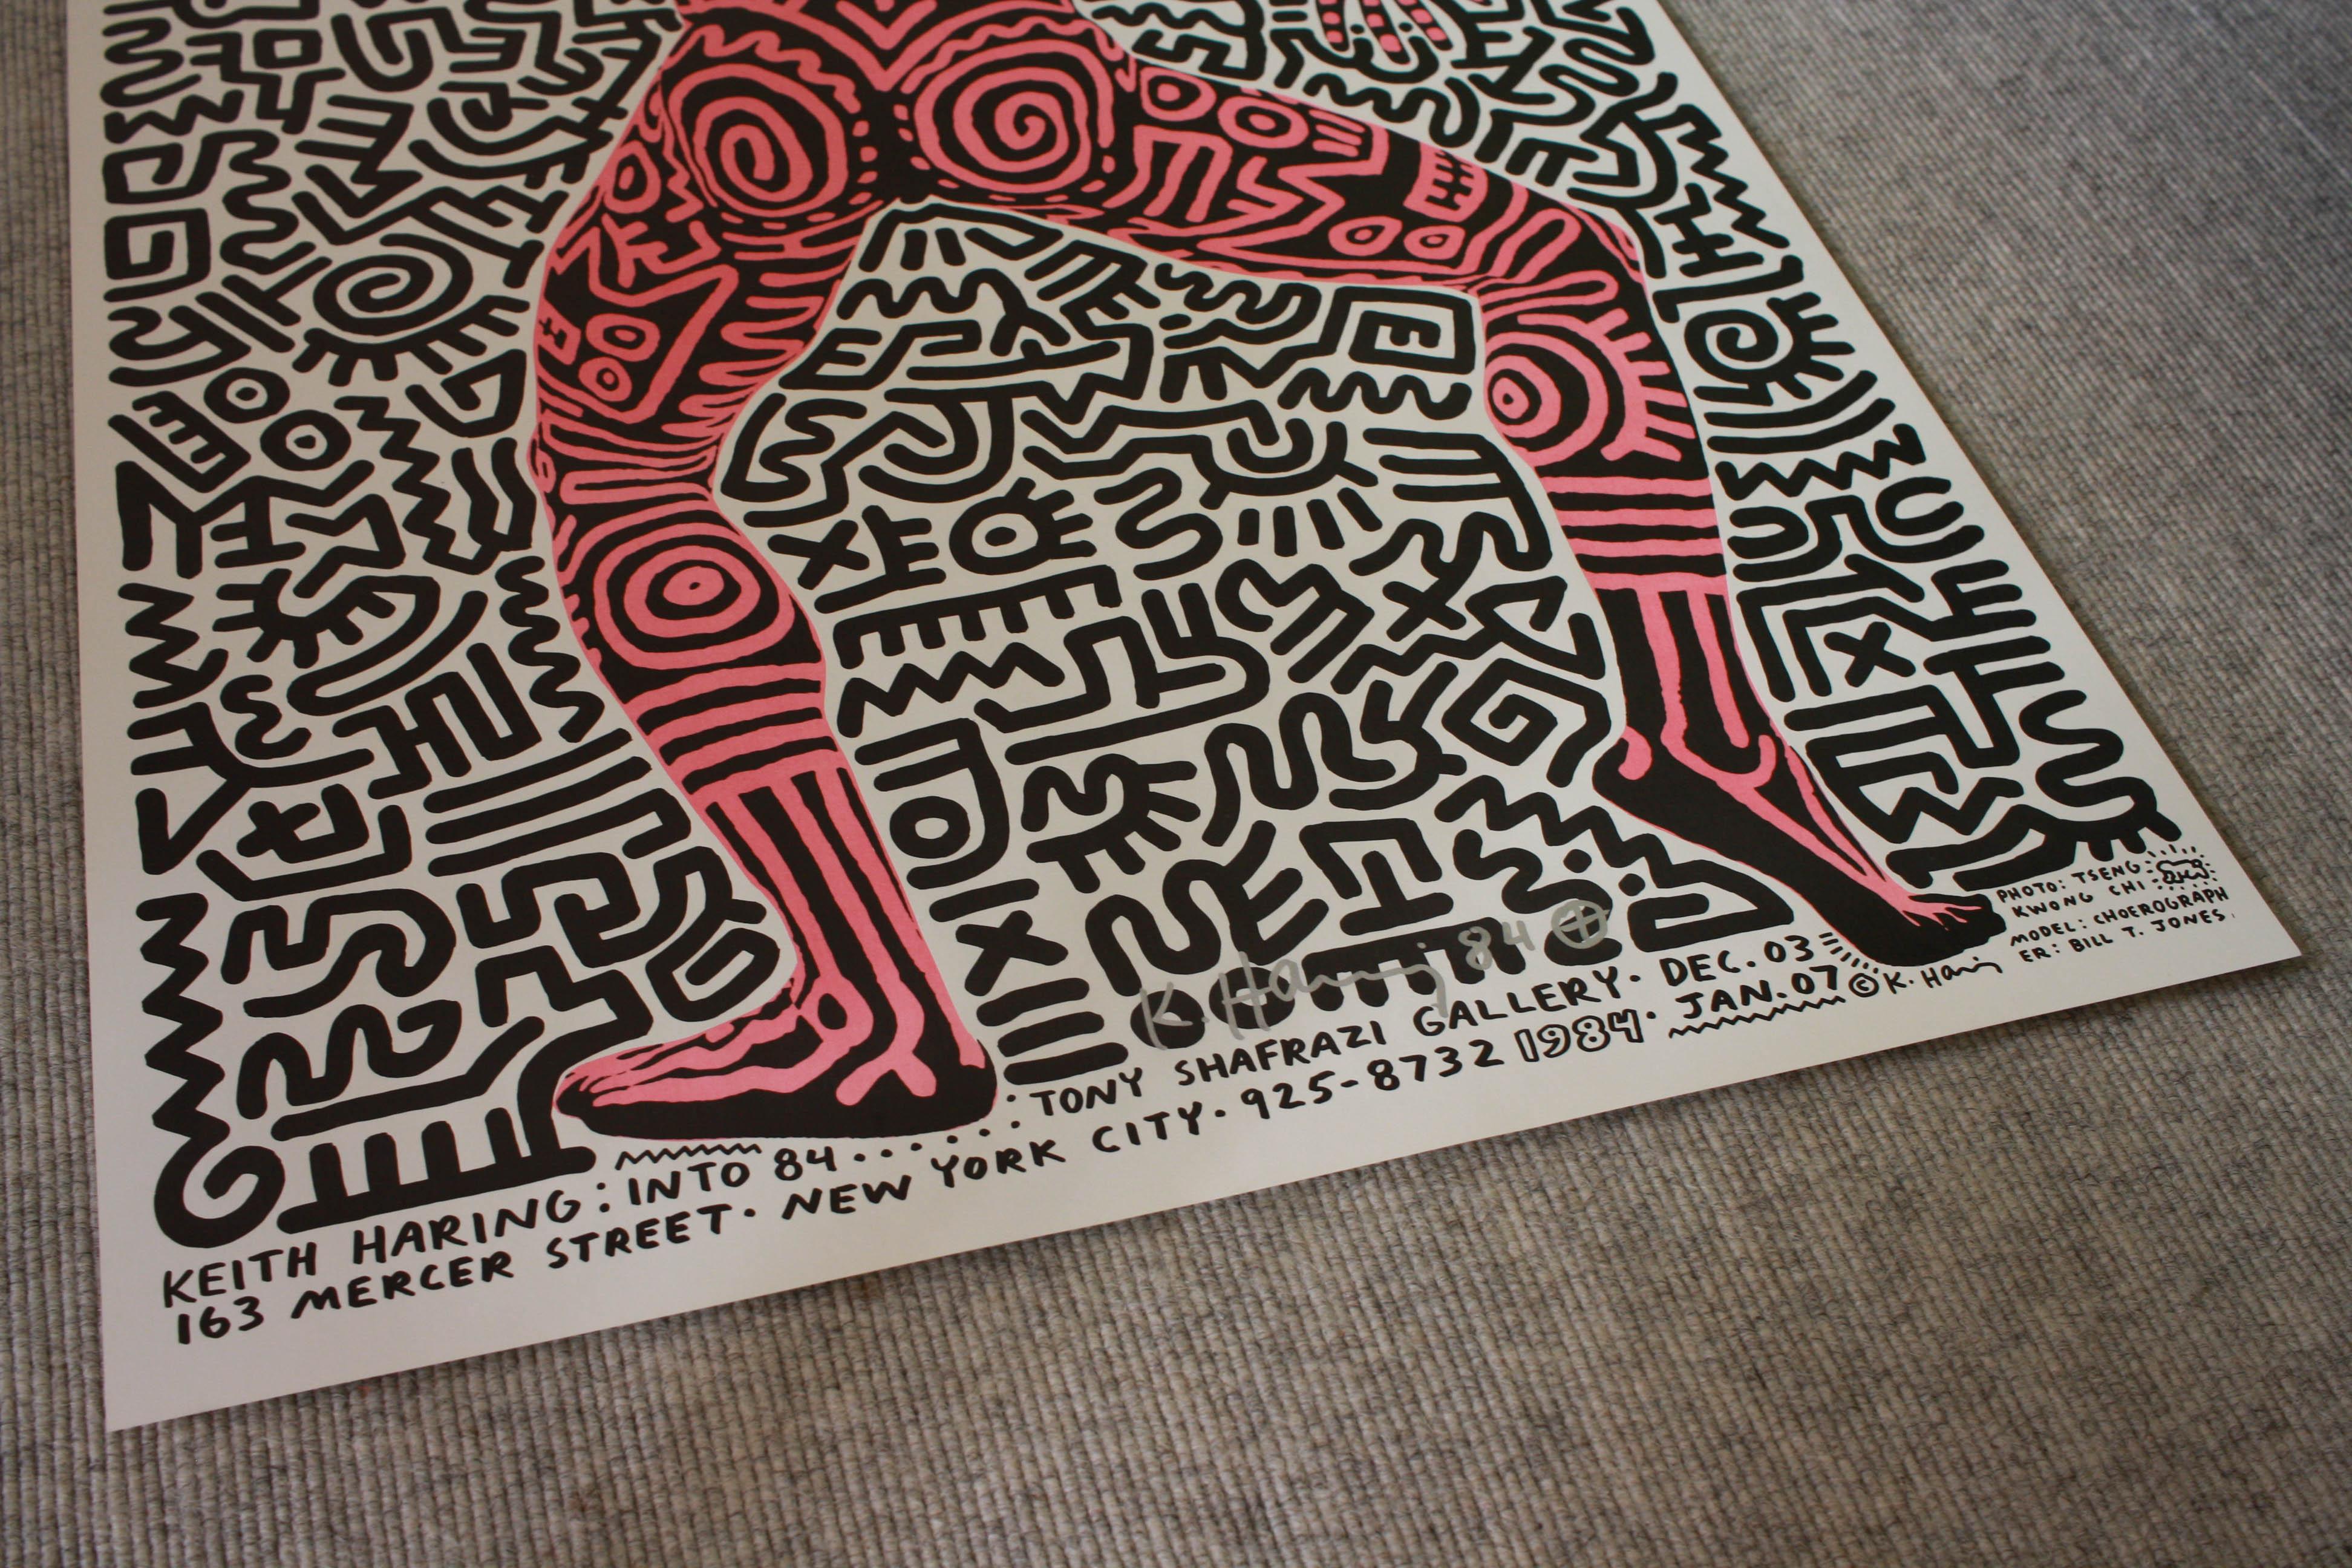 Keith Haring Print, Tony Shafrazi Gallery